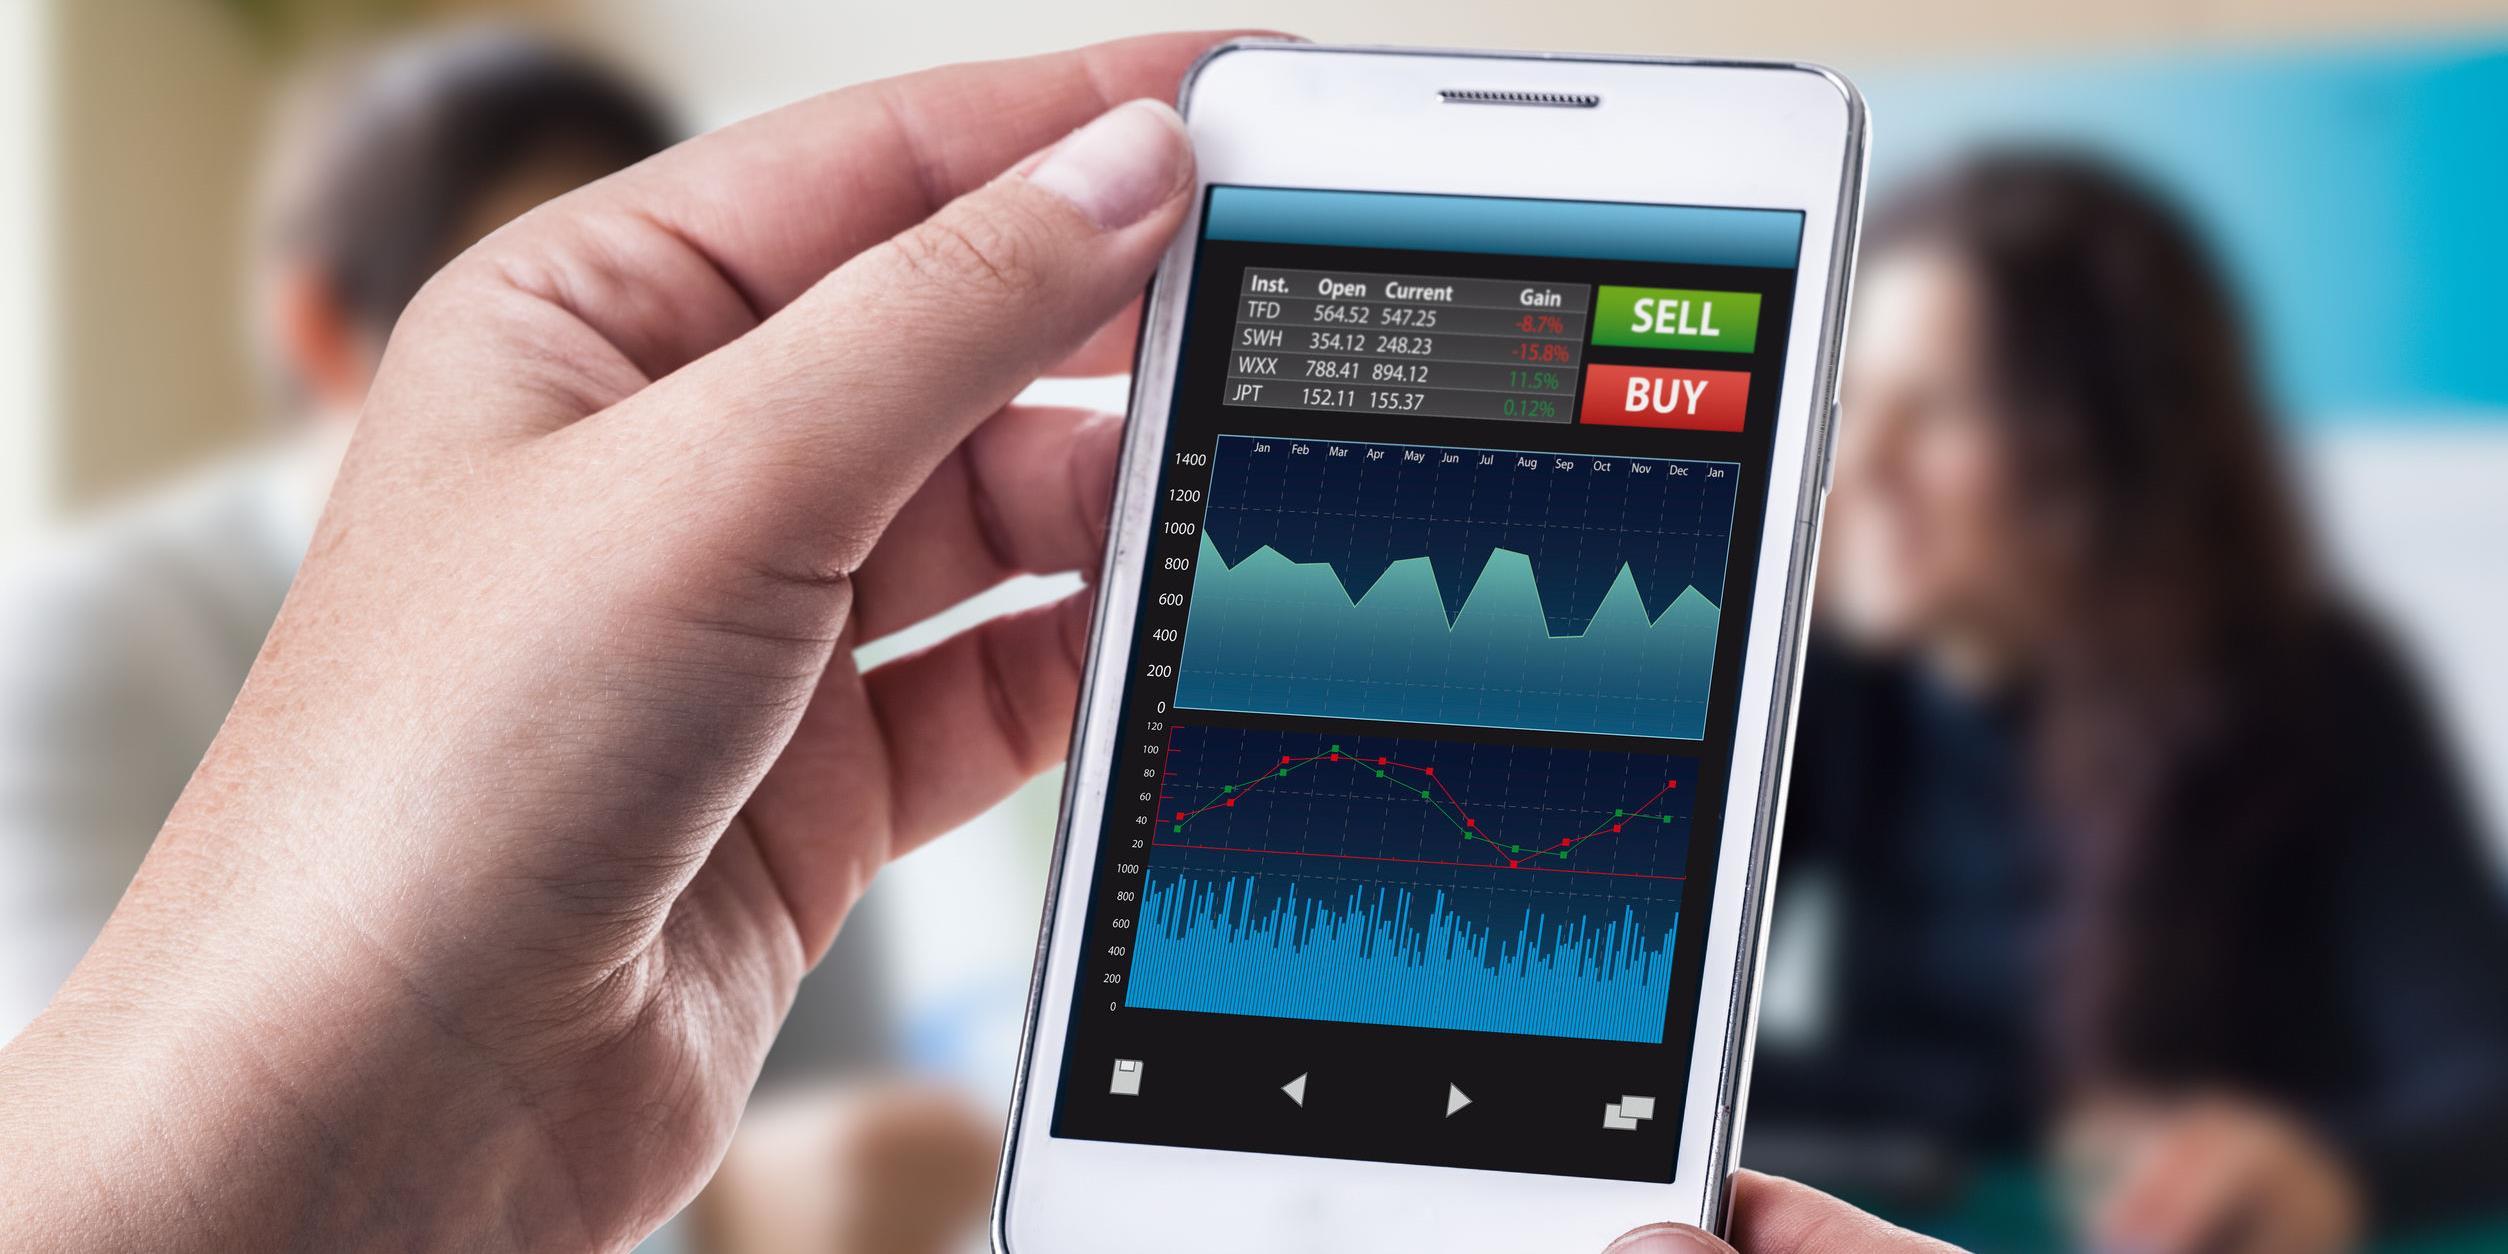 fogadást fogad el a piacok bináris opciókról